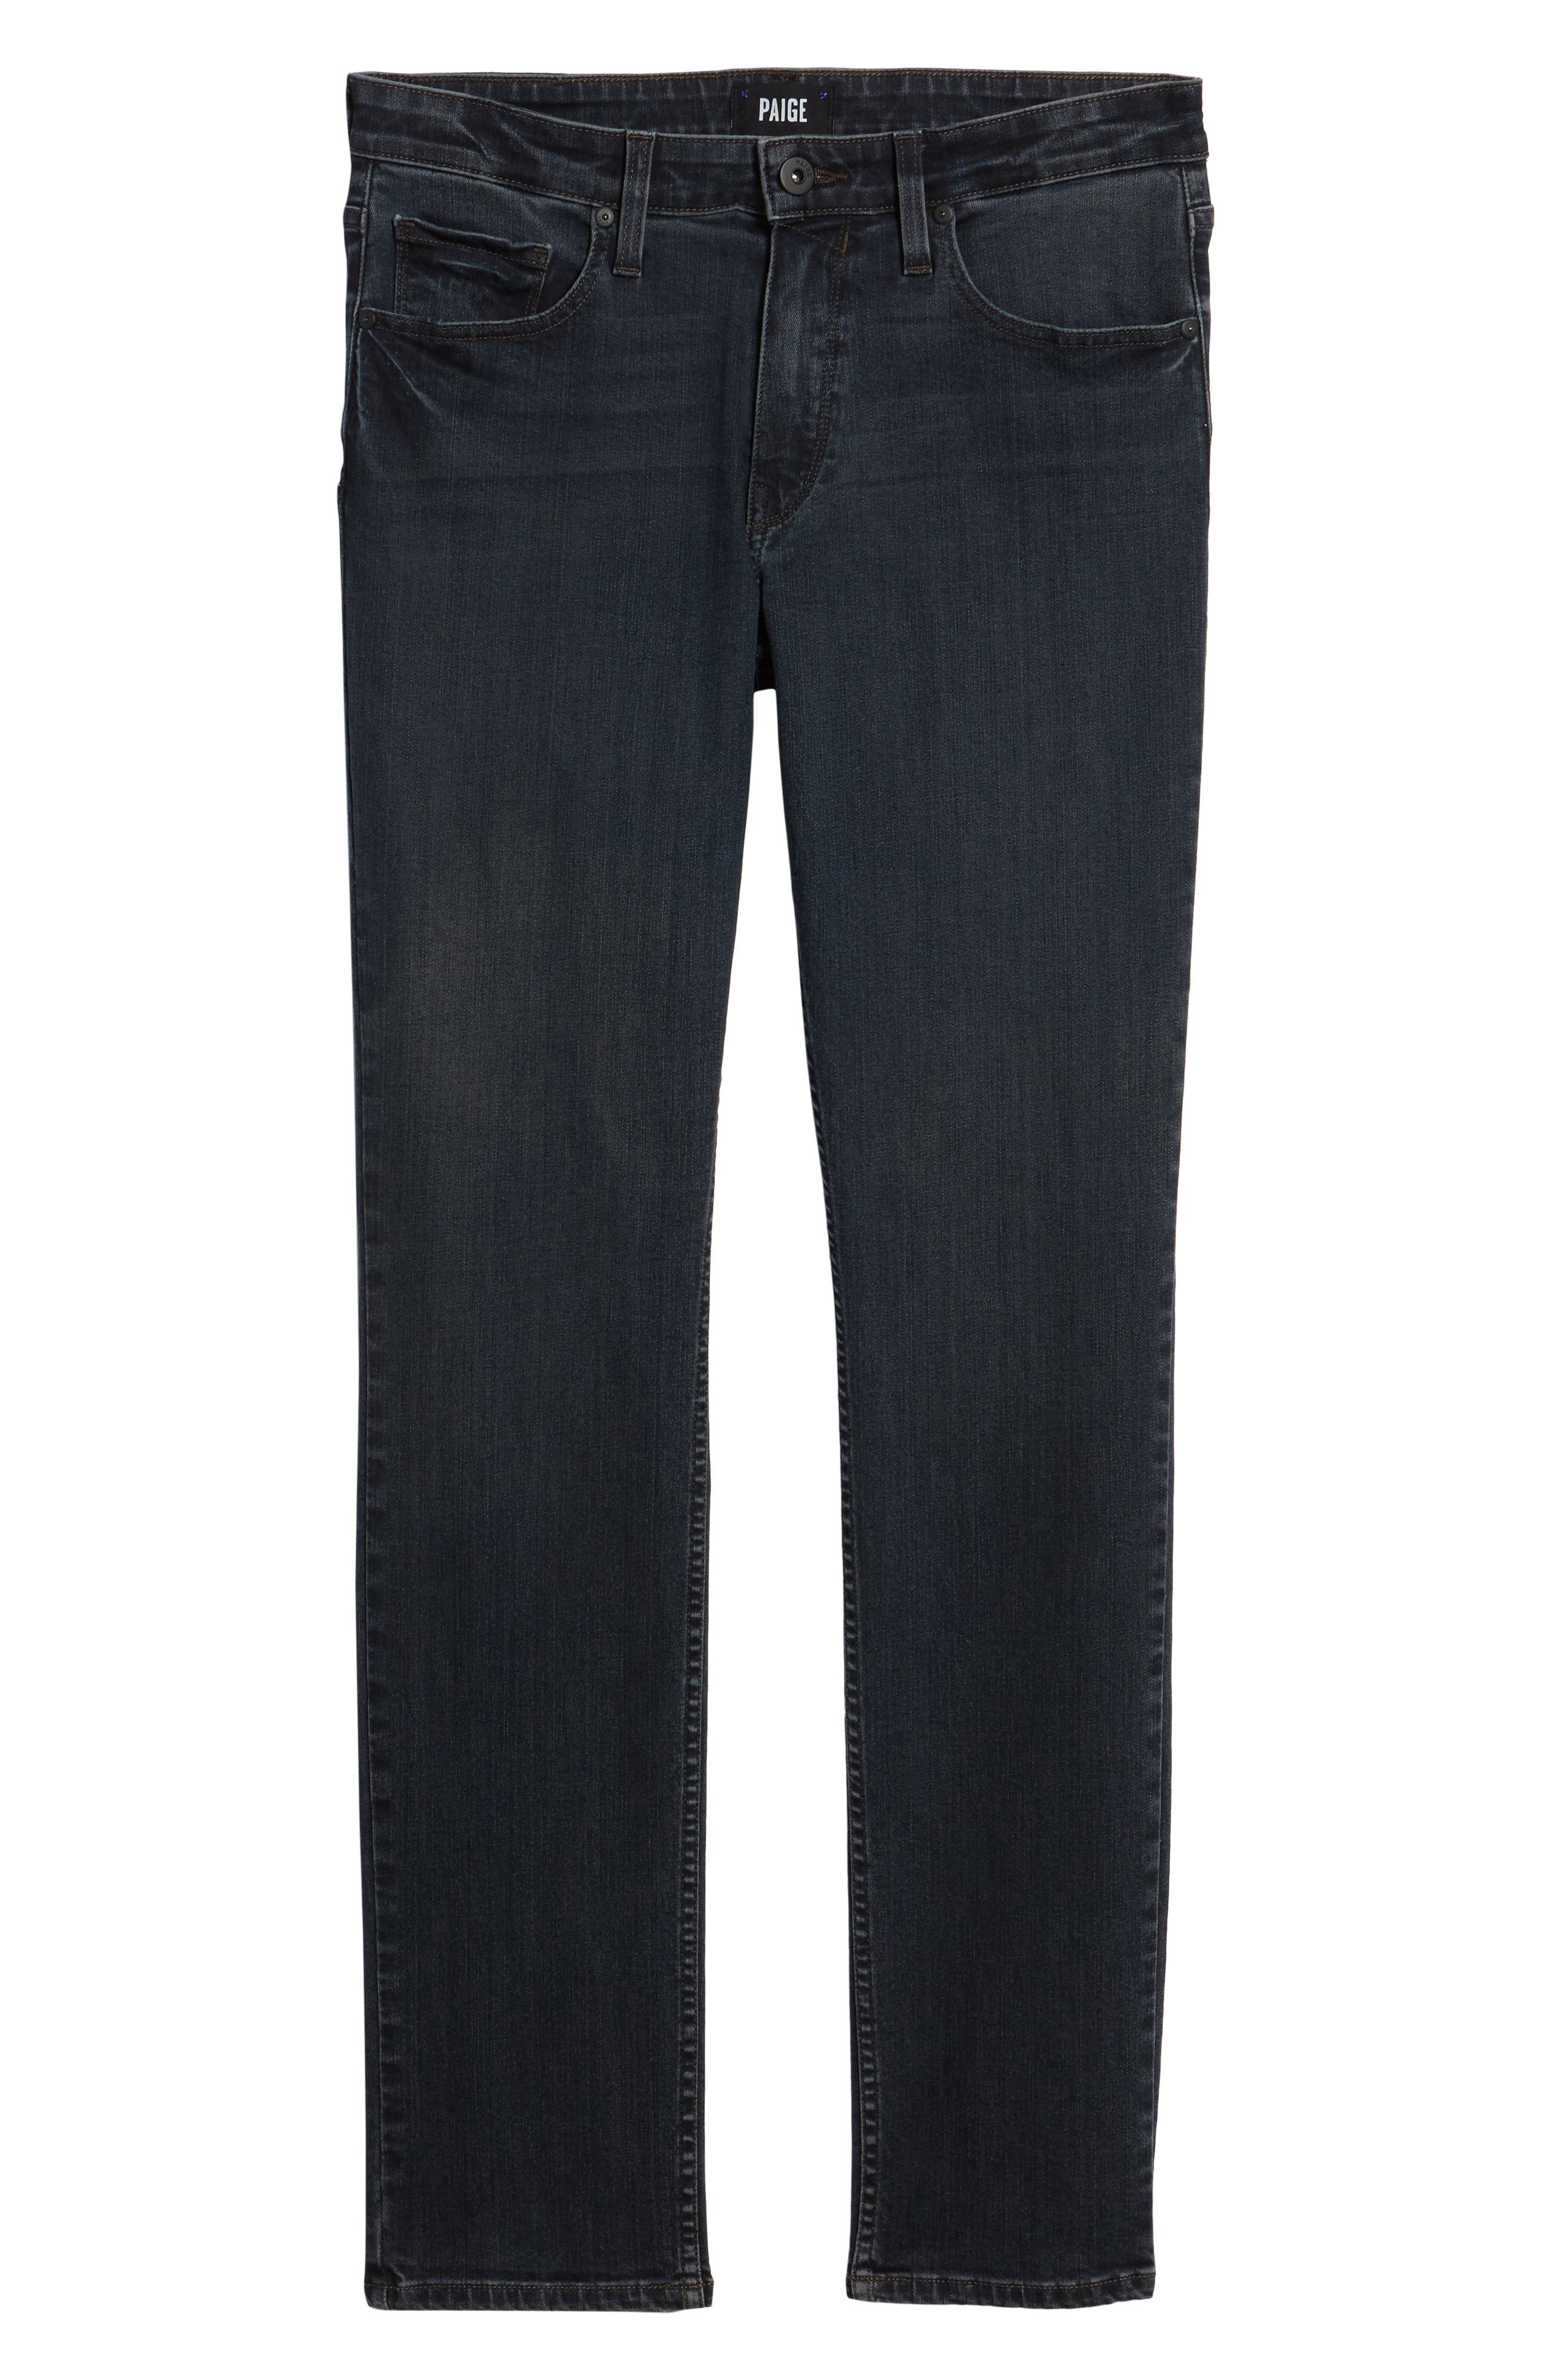 Lennox Slim Fit Jeans,                             Alternate thumbnail 6, color,                             Triton